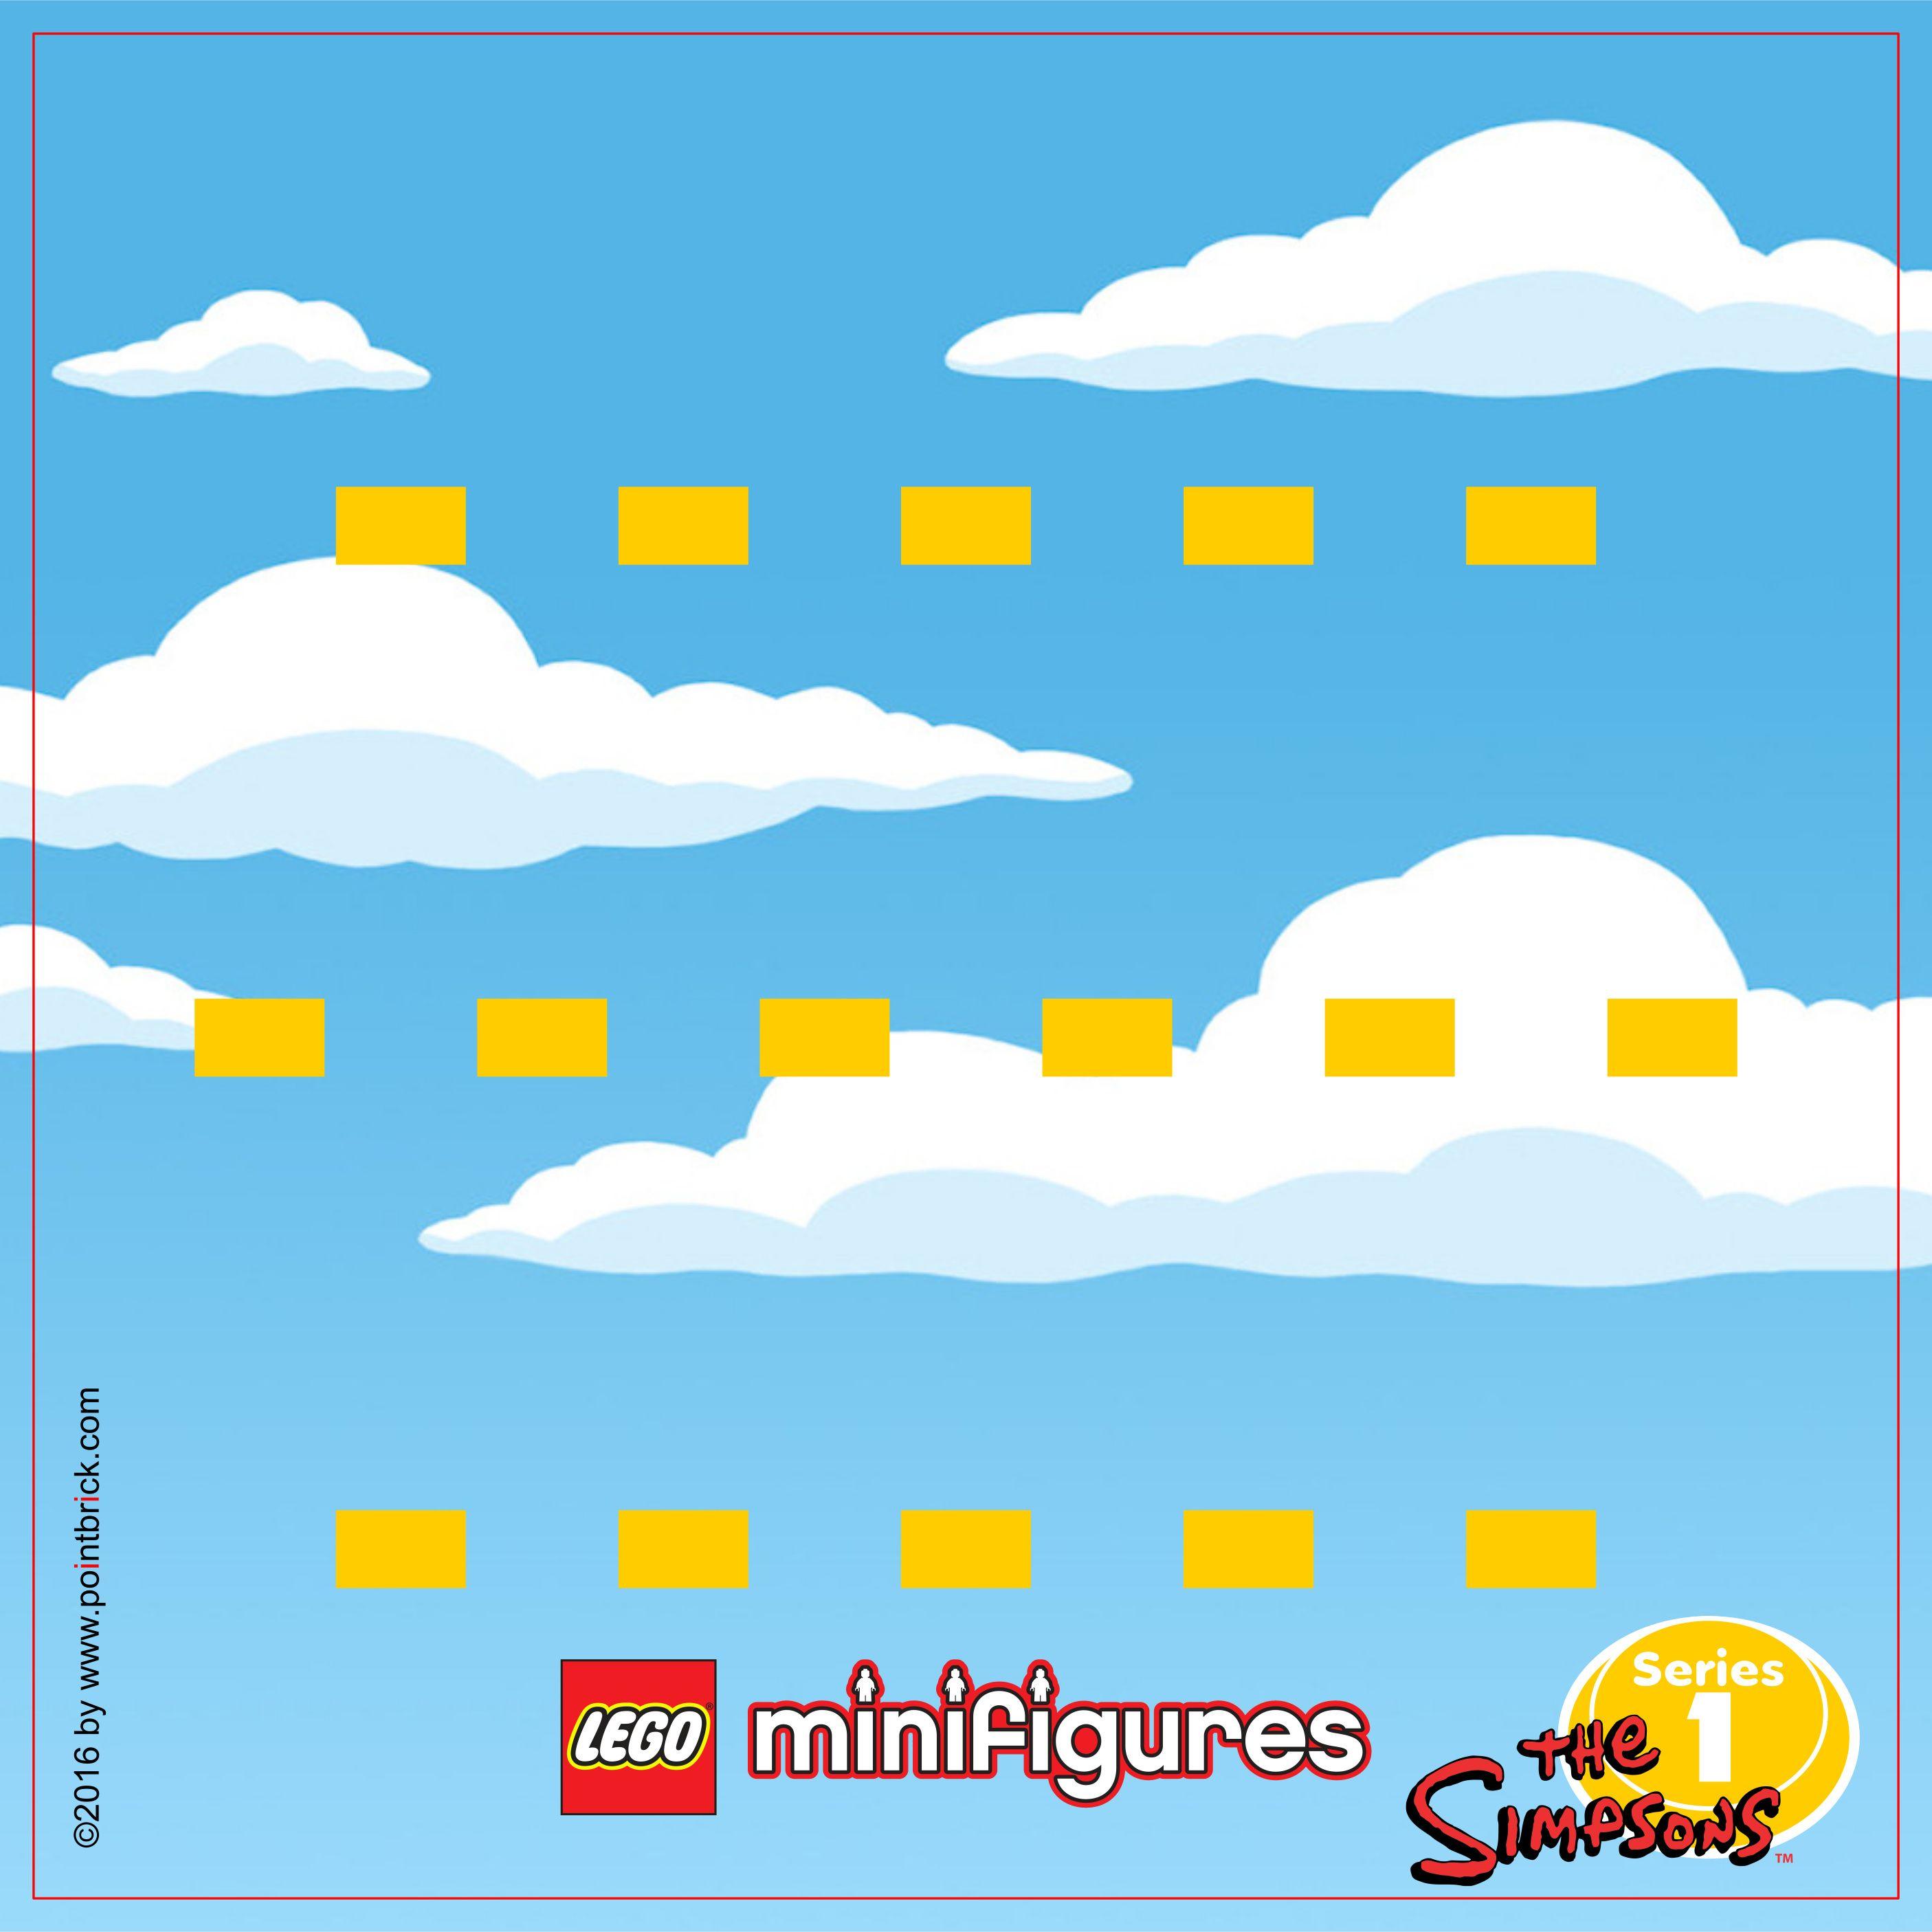 lego minifigures display frame i simpsons serie 1 bricolage et diy pinterest bricolage et diy. Black Bedroom Furniture Sets. Home Design Ideas